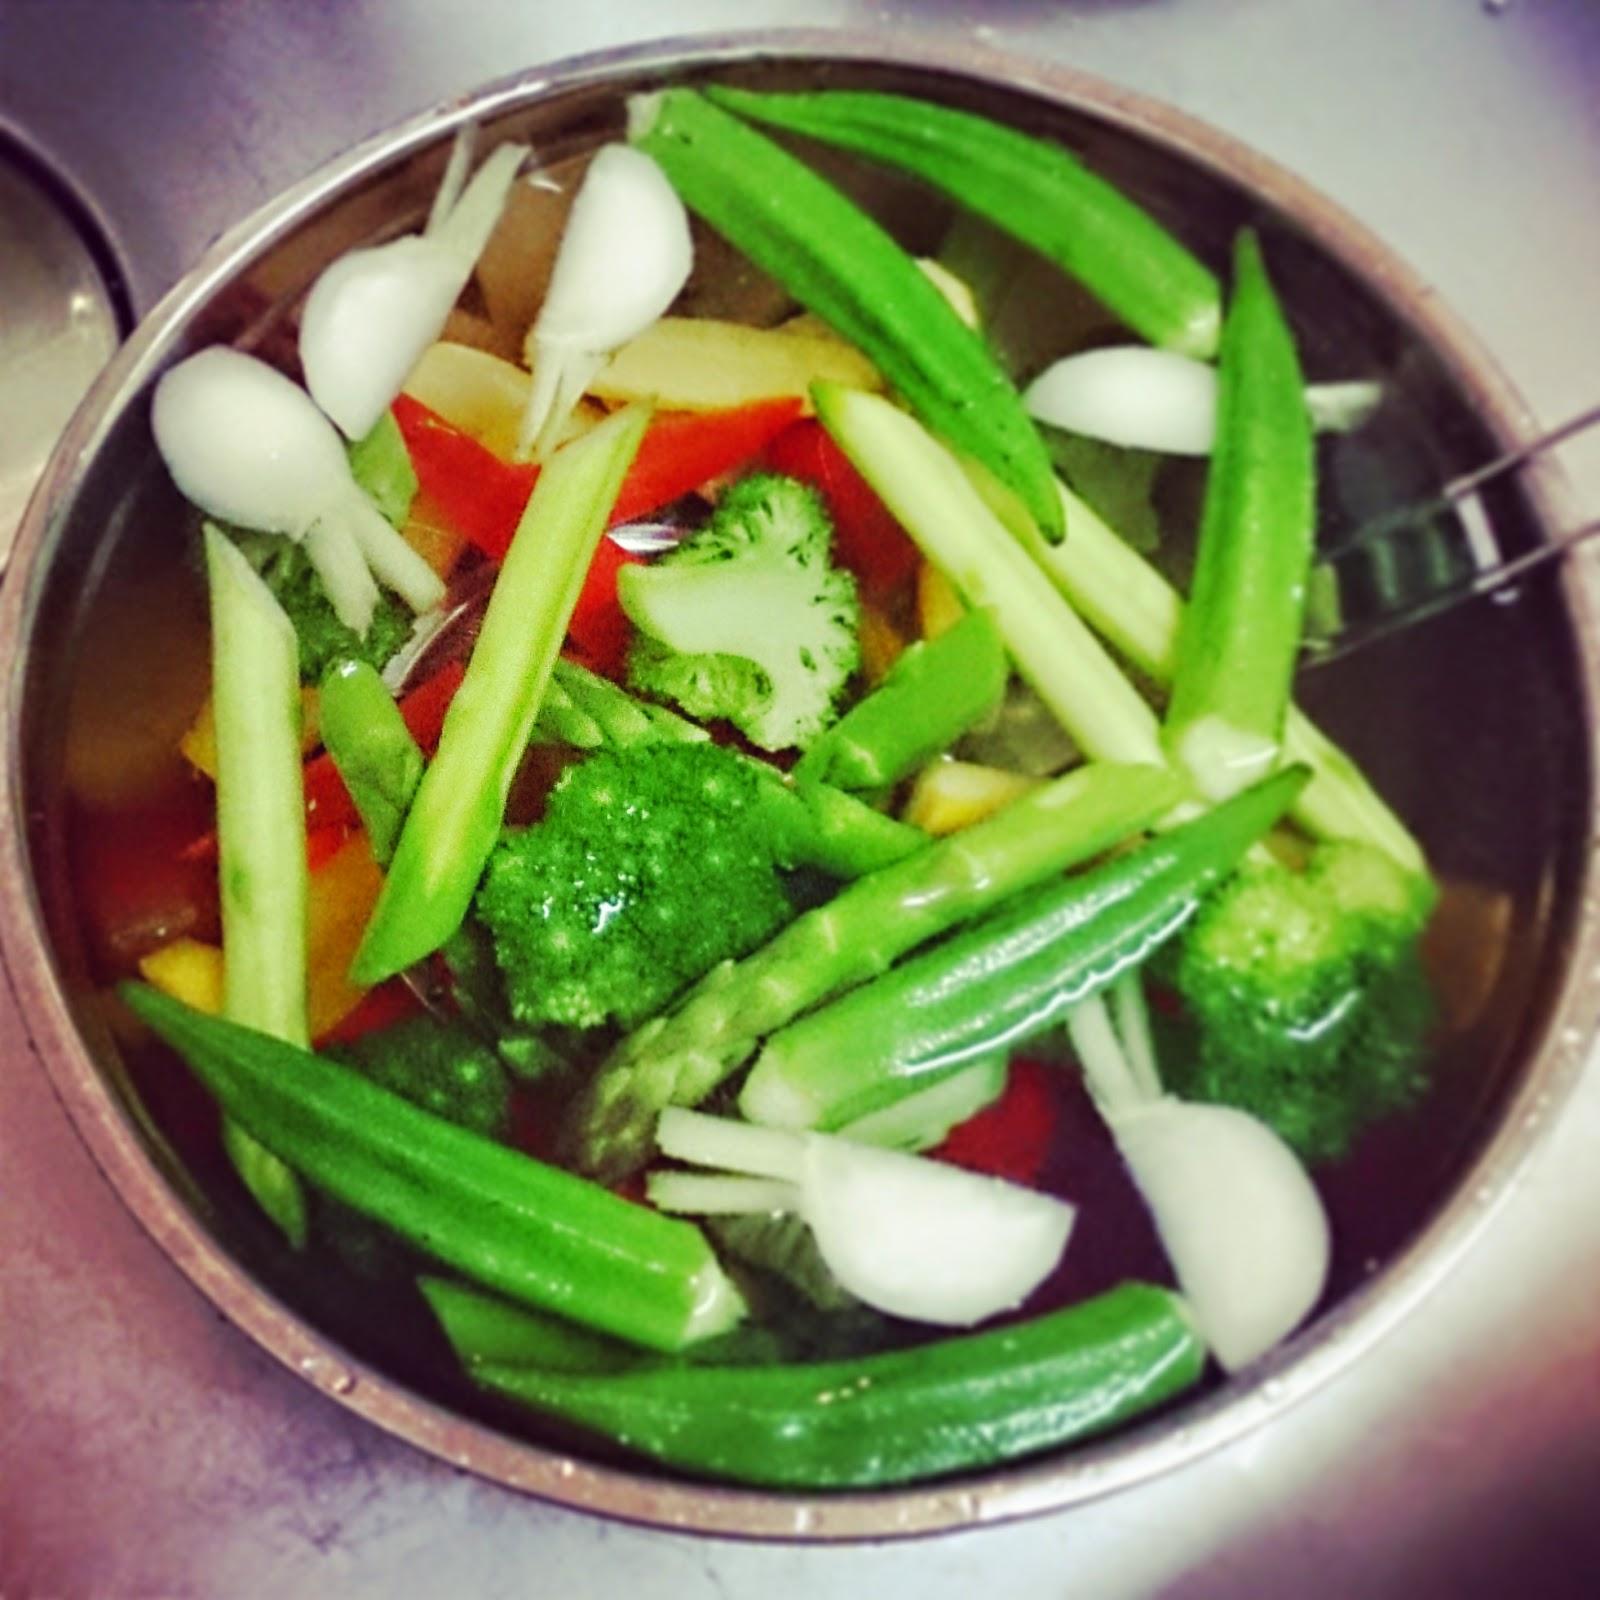 ご友人のサプライズ結婚祝いに高野シェフが出張料理:旬の野菜のバーニャカウダ